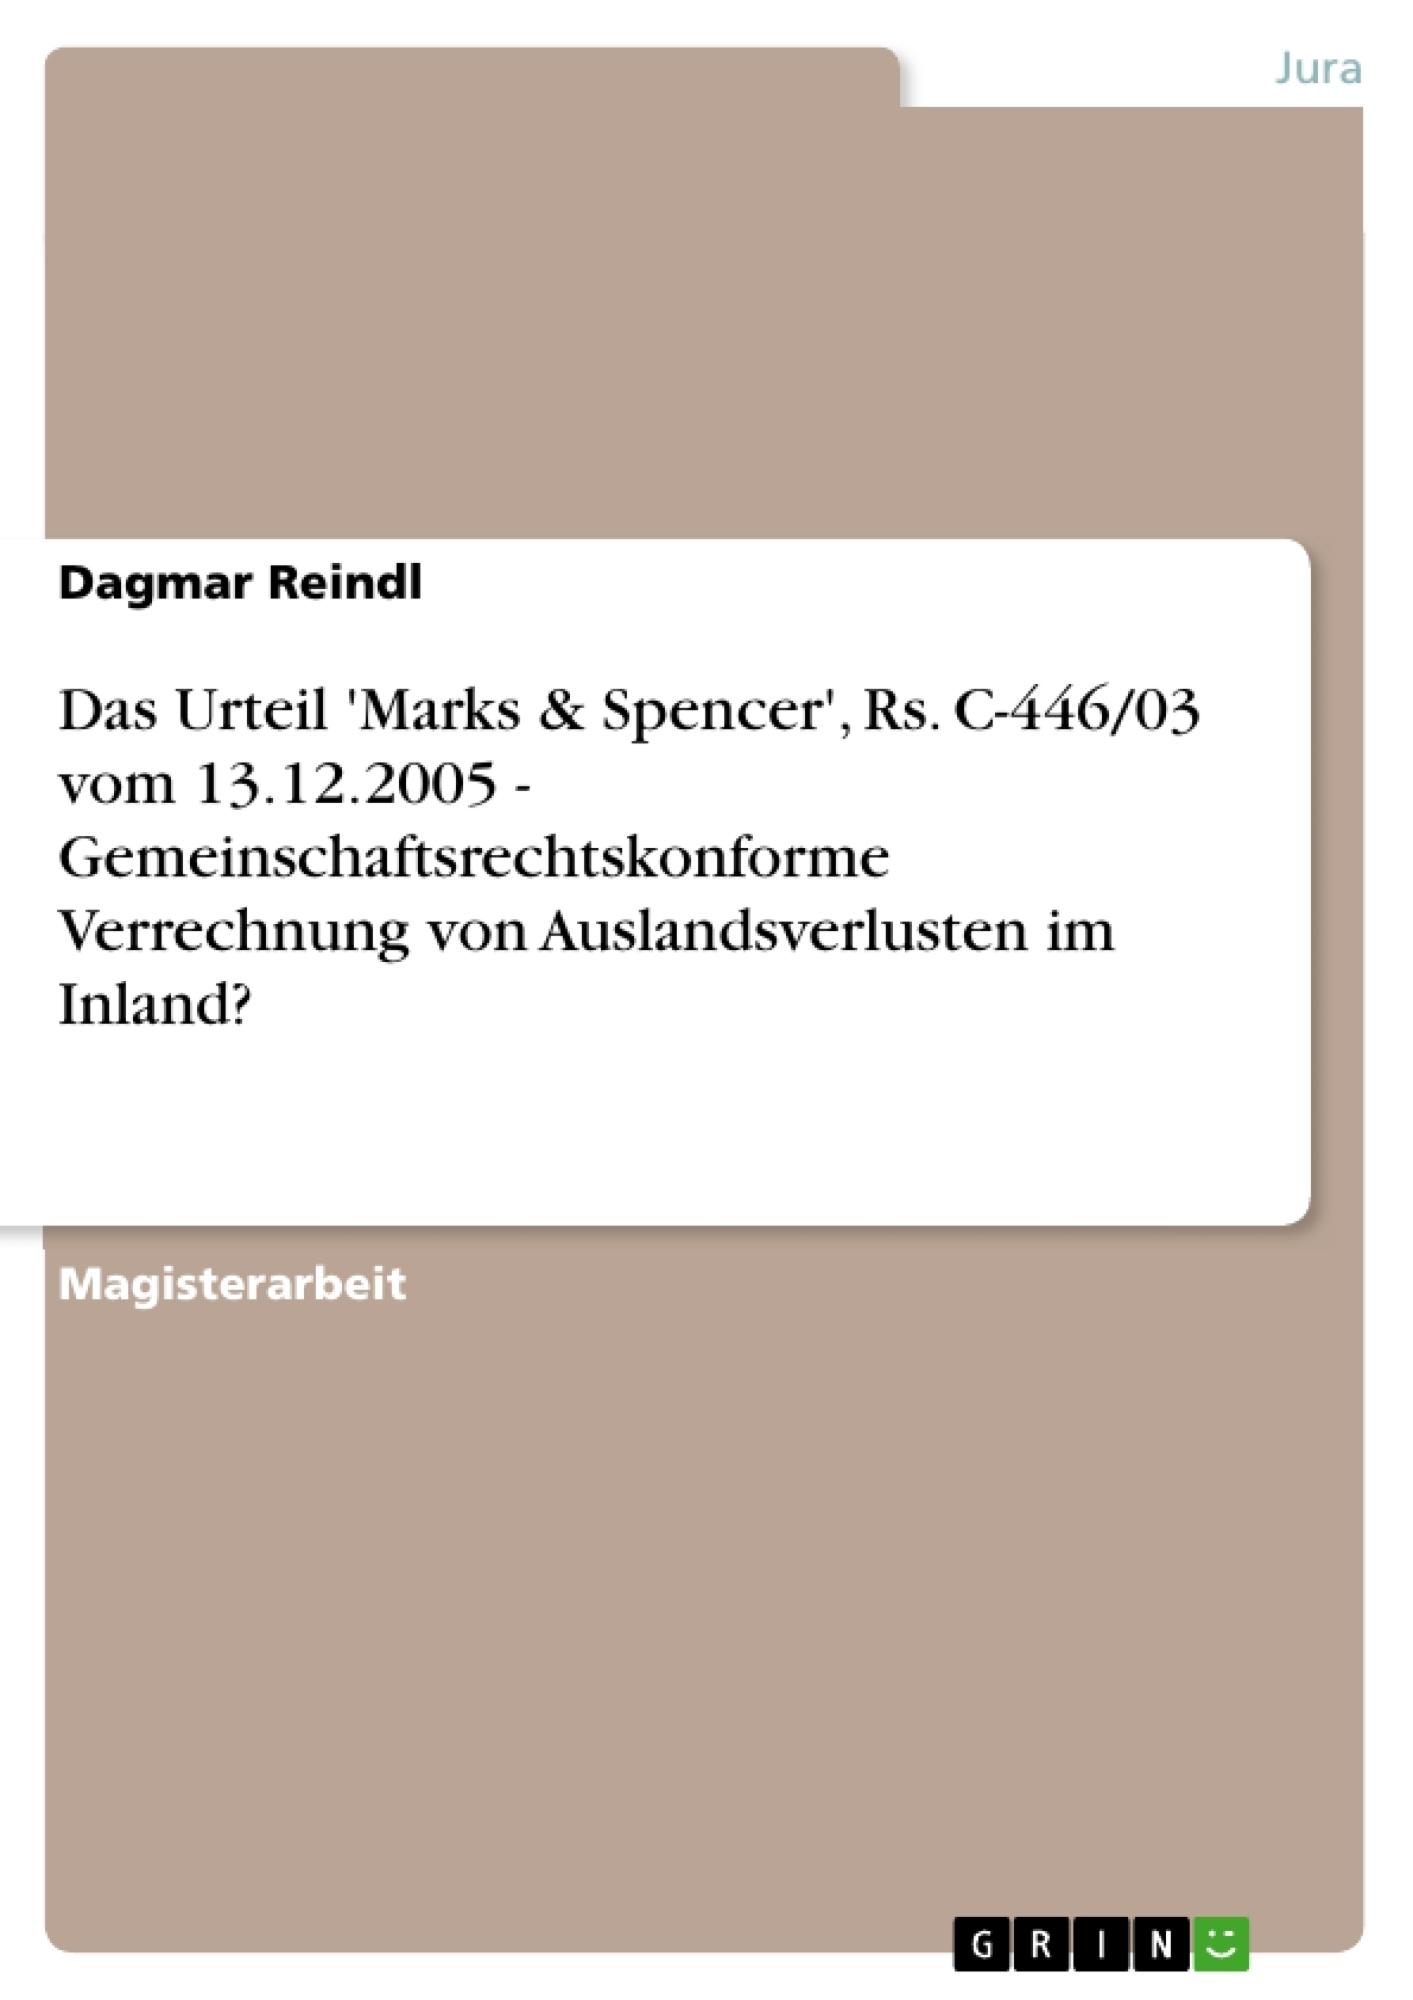 Titel: Das Urteil 'Marks & Spencer', Rs. C-446/03 vom 13.12.2005 - Gemeinschaftsrechtskonforme Verrechnung von Auslandsverlusten im Inland?